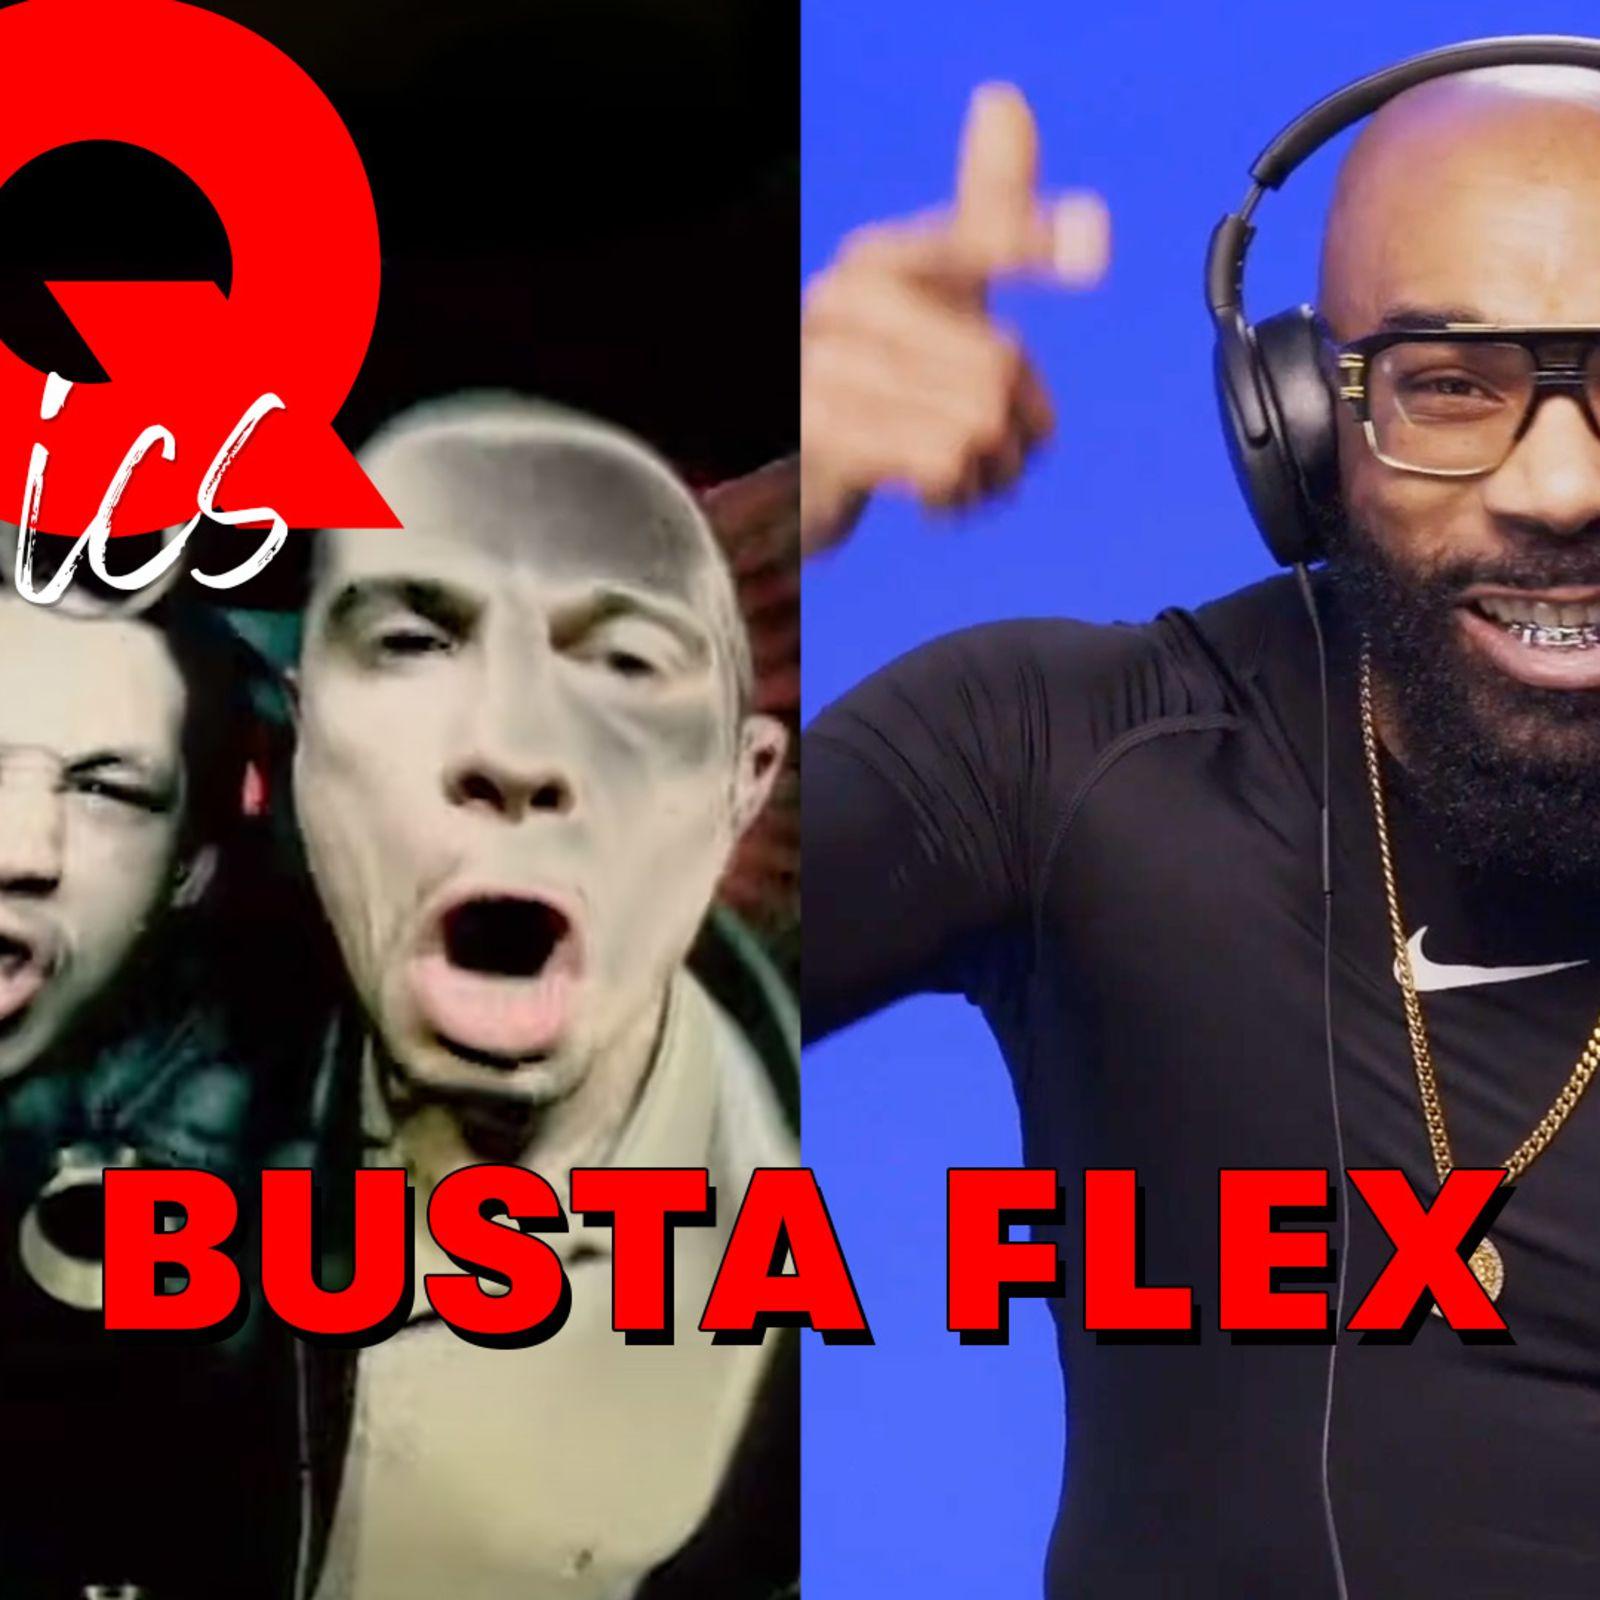 Busta Flex juge les classiques du rap français : Suprême NTM, Fonky Family, IAM